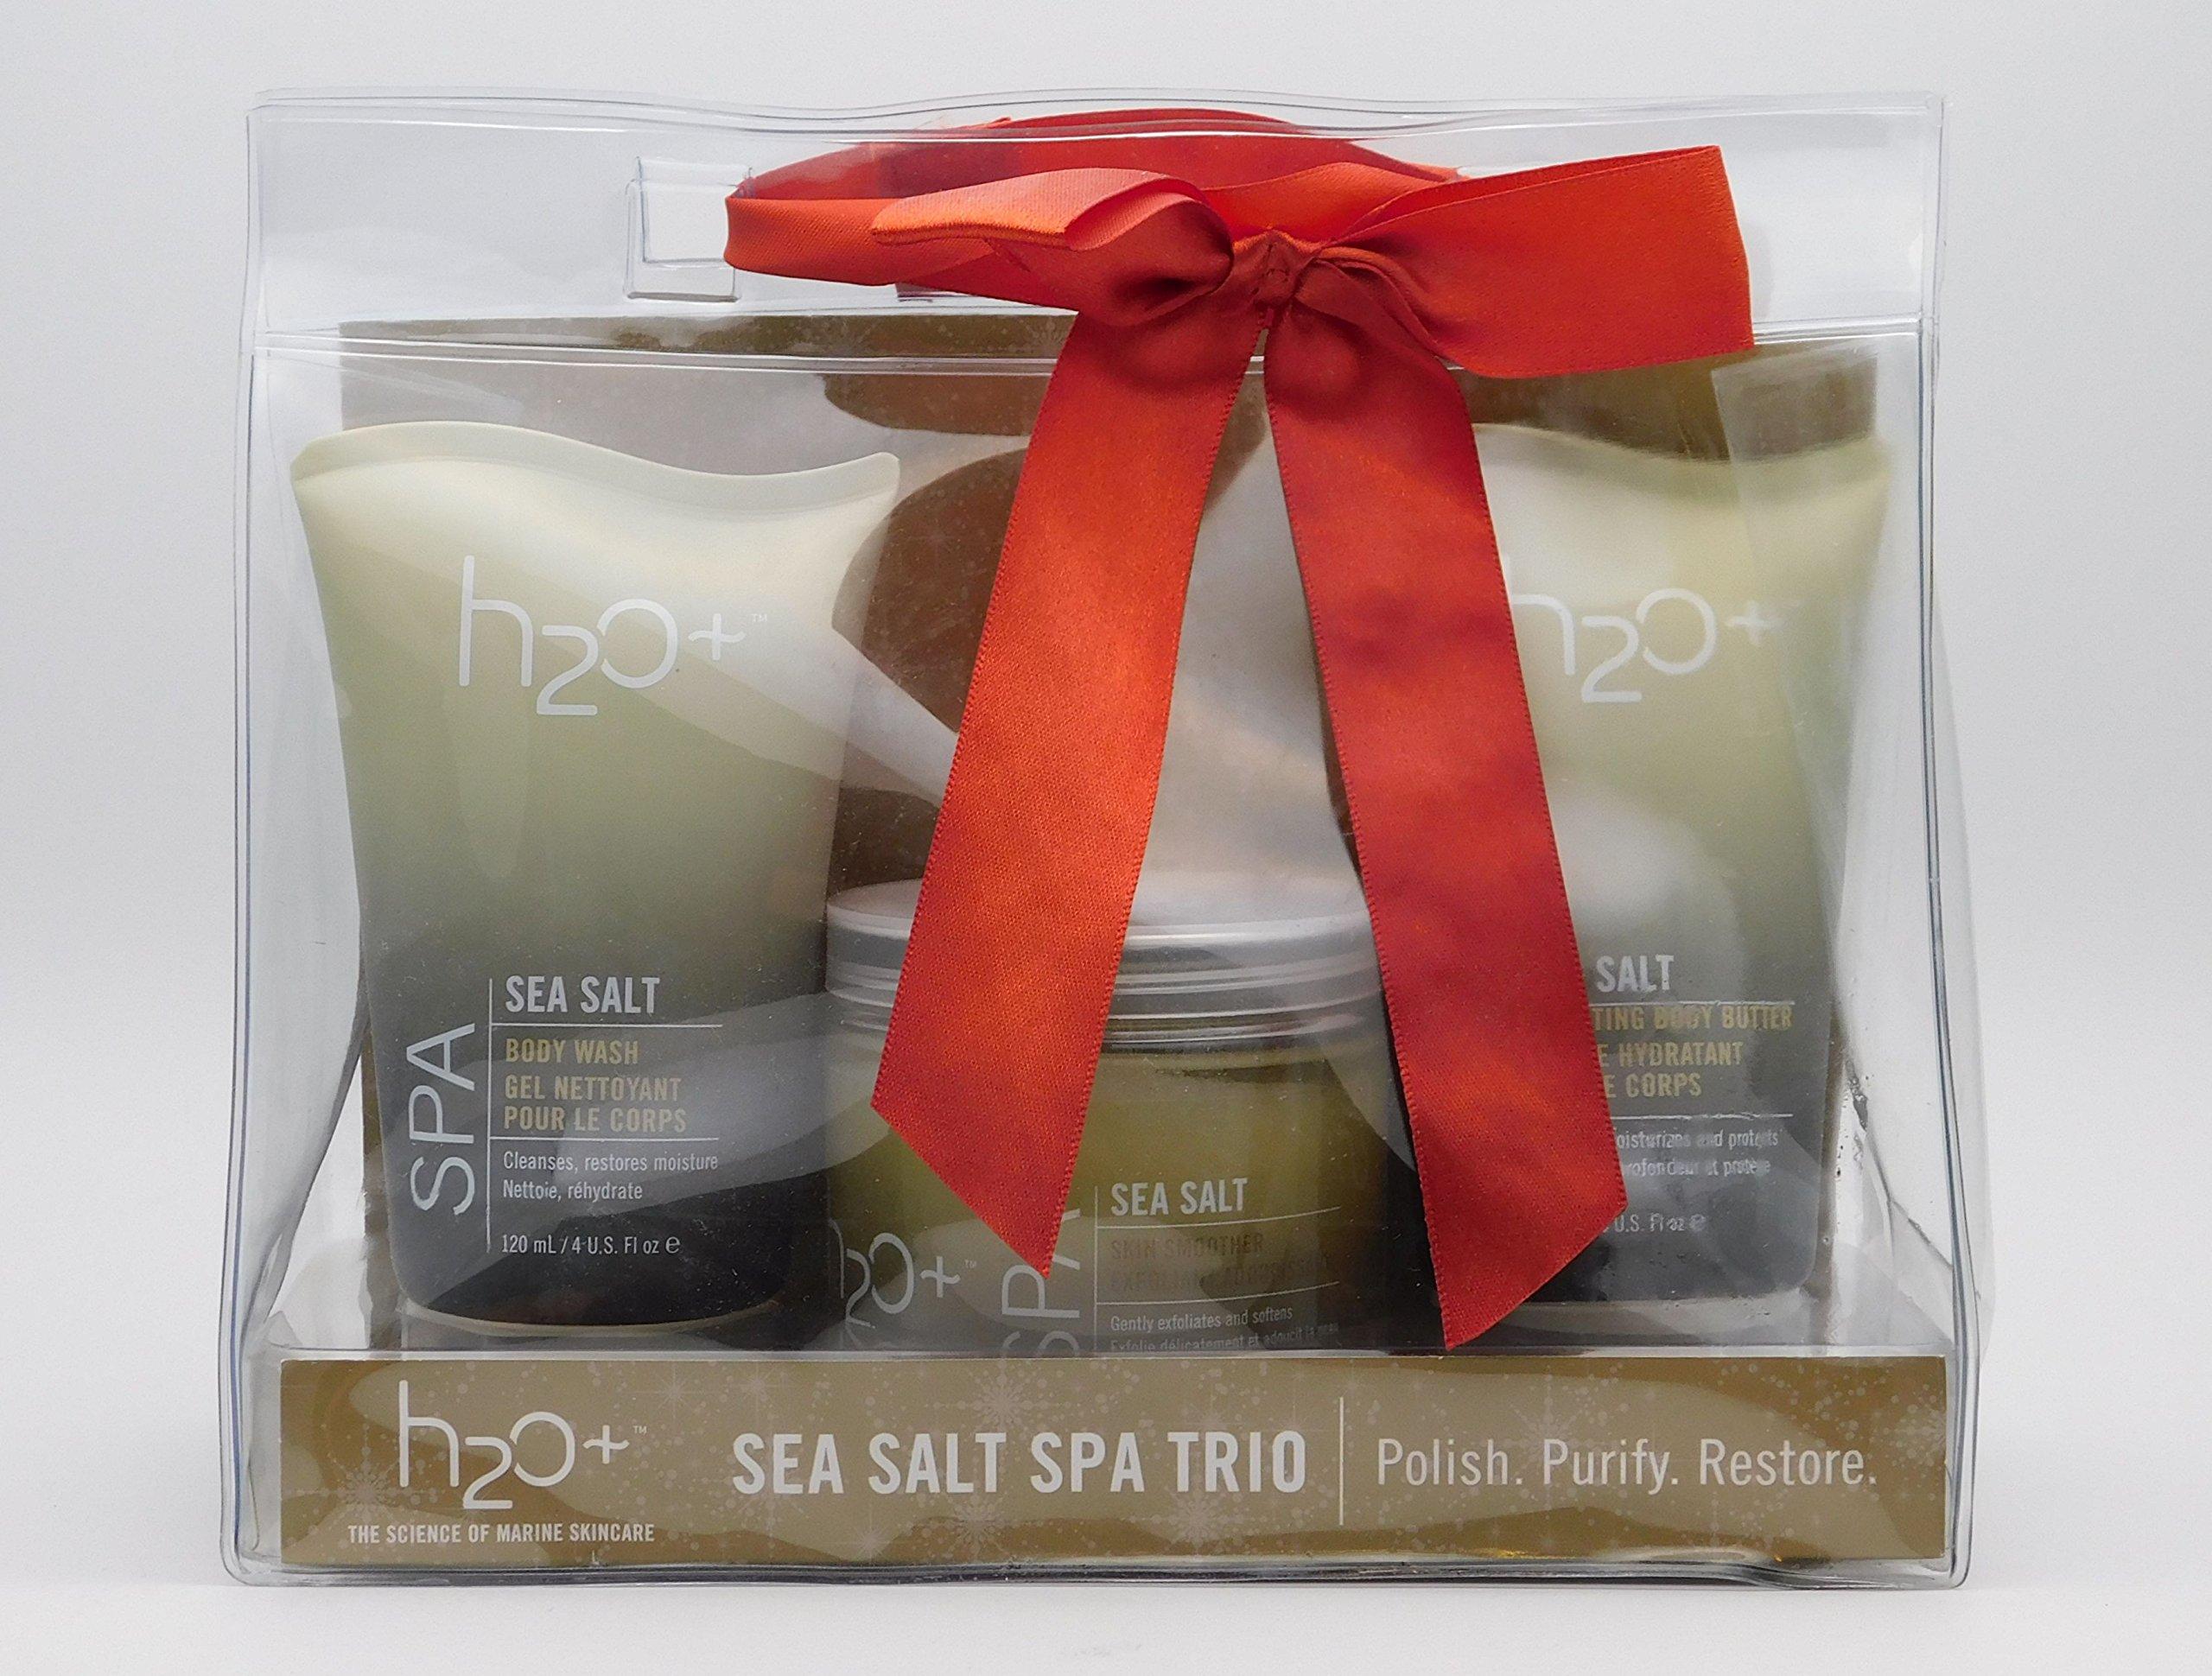 H2O Plus Sea Salt Spa Trio: Sea Salt Body Wash 4 Oz, Sea Salt Skin Smoother 12 Oz & Sea Salt Hydrating Body Butter 4 Oz